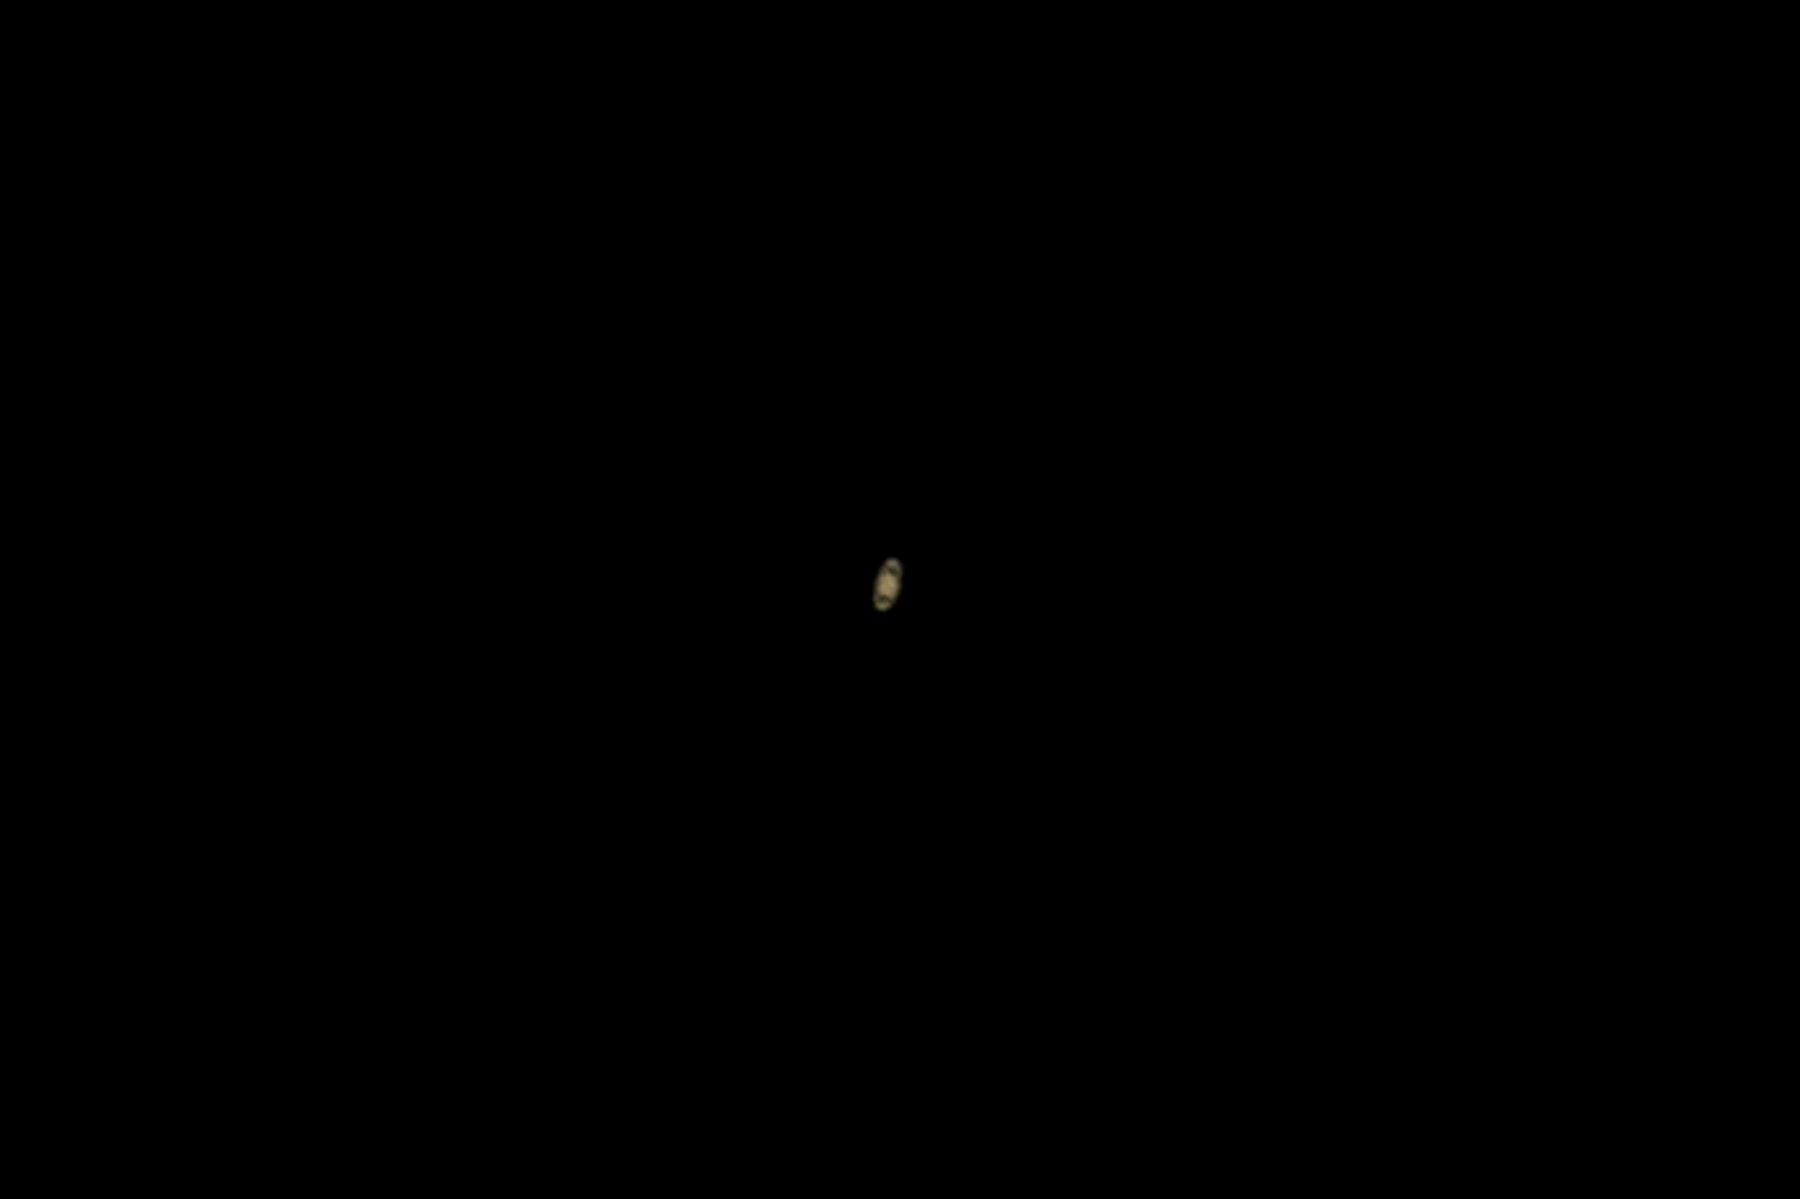 El planeta Saturno, caracterizada por sus anillos, también se pudo observar esta noche. Foto: ANDINA/Carlos Lezama